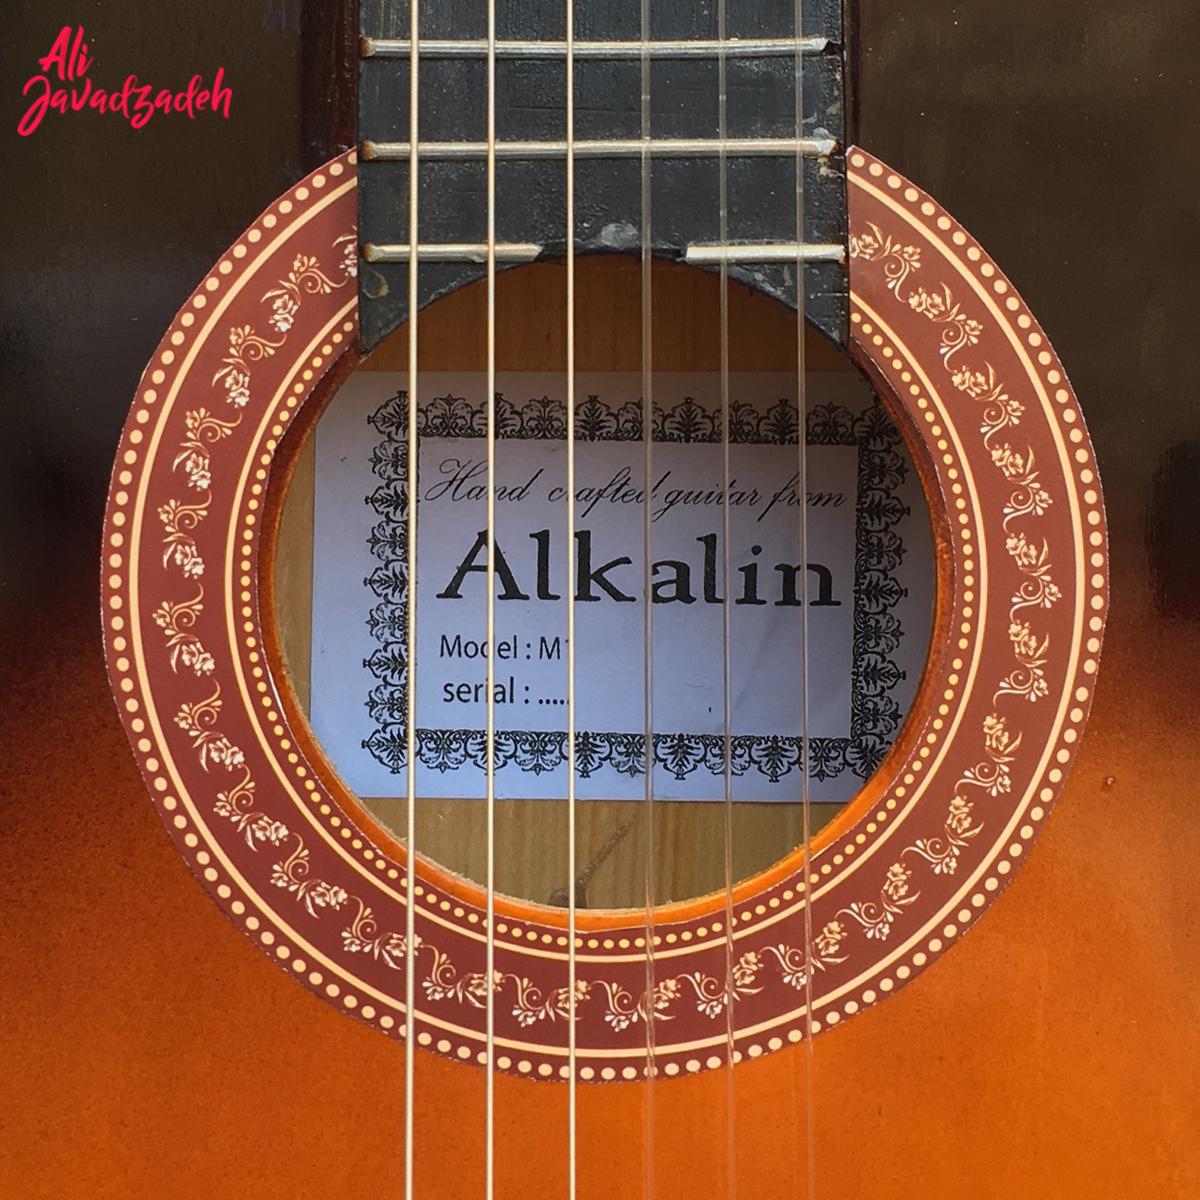 گیتار کلاسیک آلکالین مدل M1-4